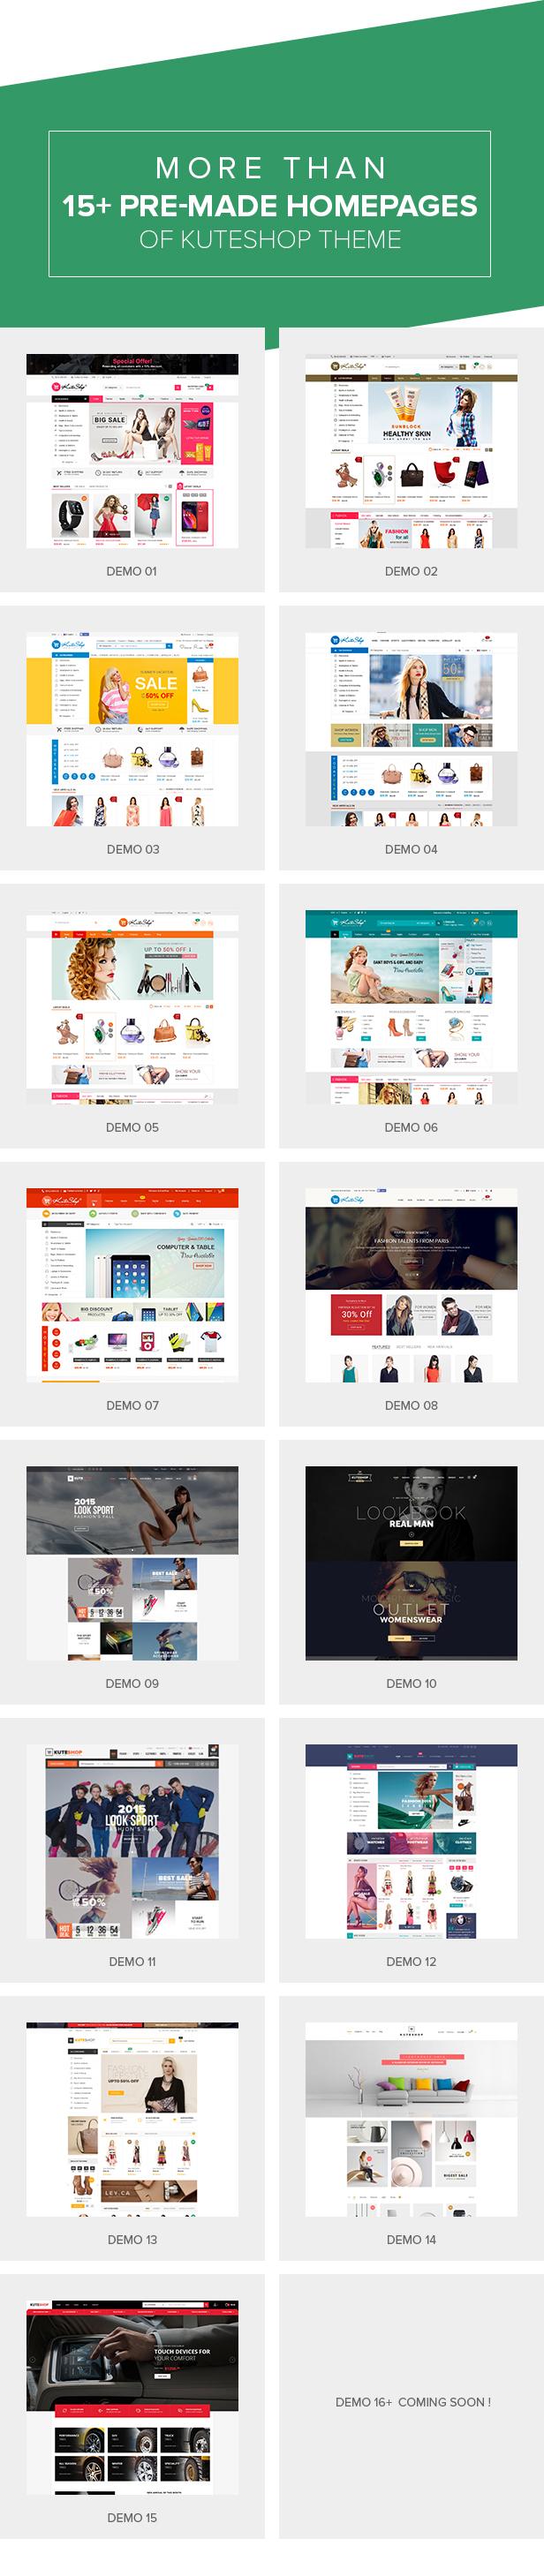 KuteShop - Fashion, Electronics & Marketplace WooCommerce Theme (RTL Supported) - 10